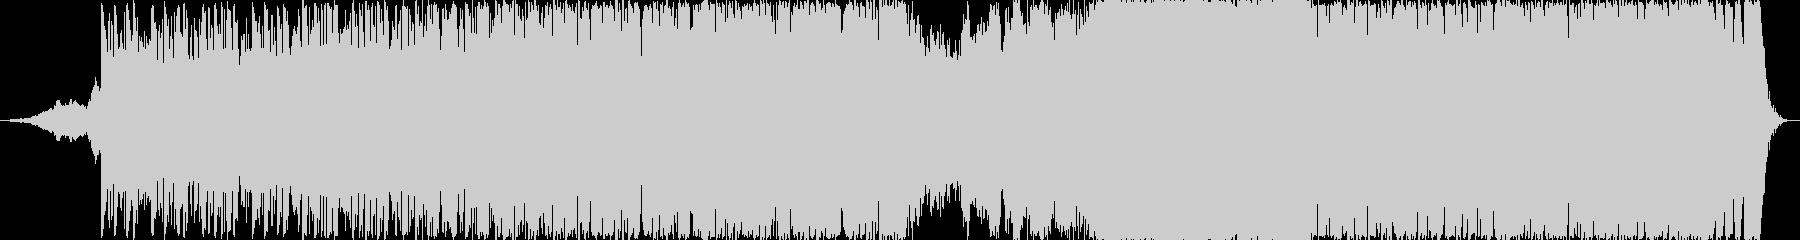 現代の交響曲 クラシック交響曲 積...の未再生の波形